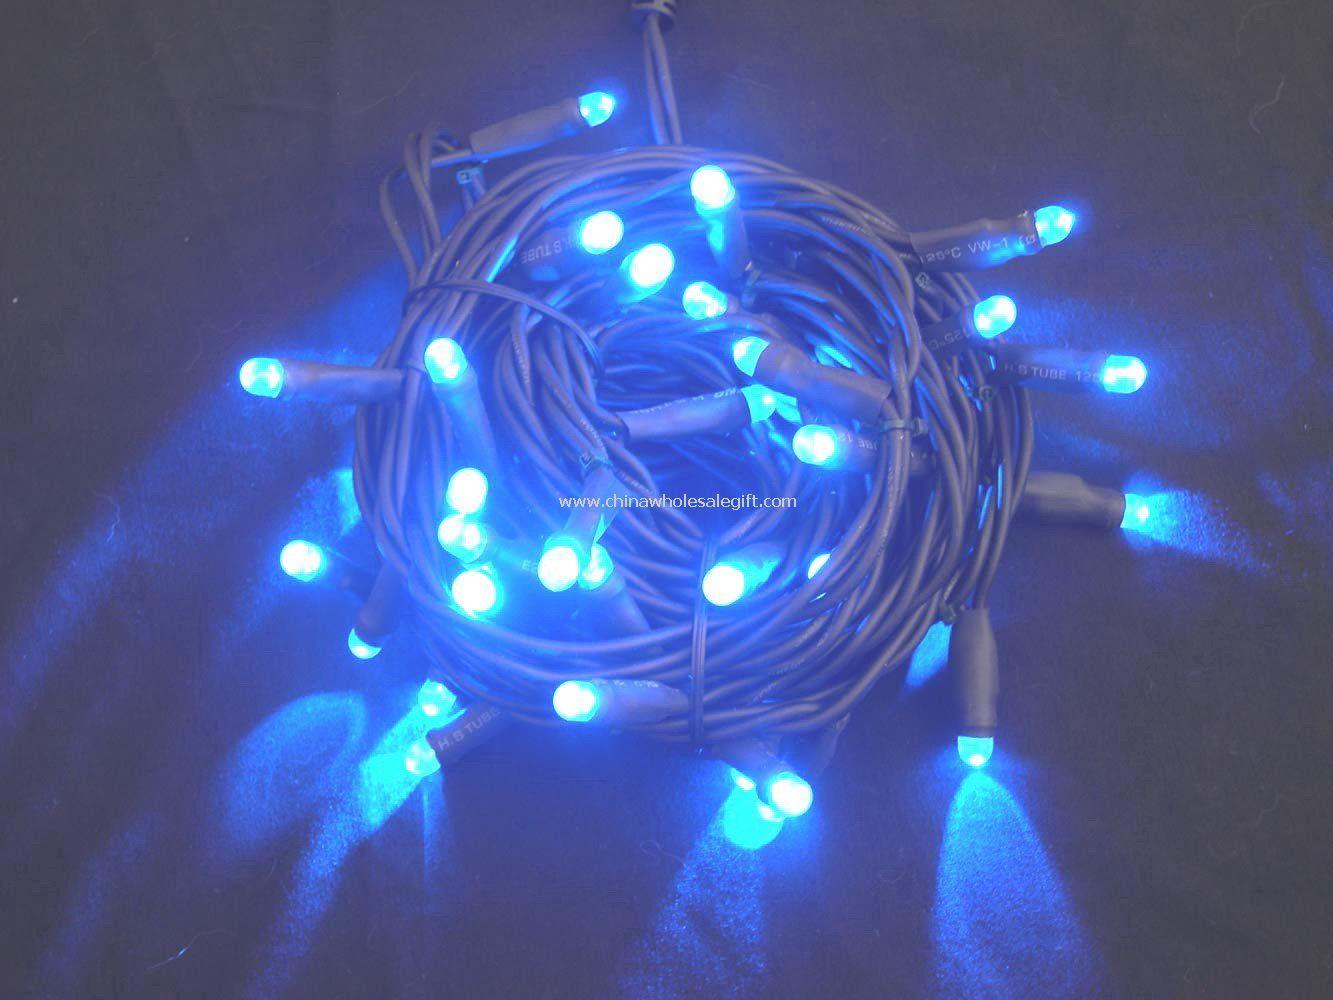 Ericson Led String Lights : 220v LED String Light - 220v led string light